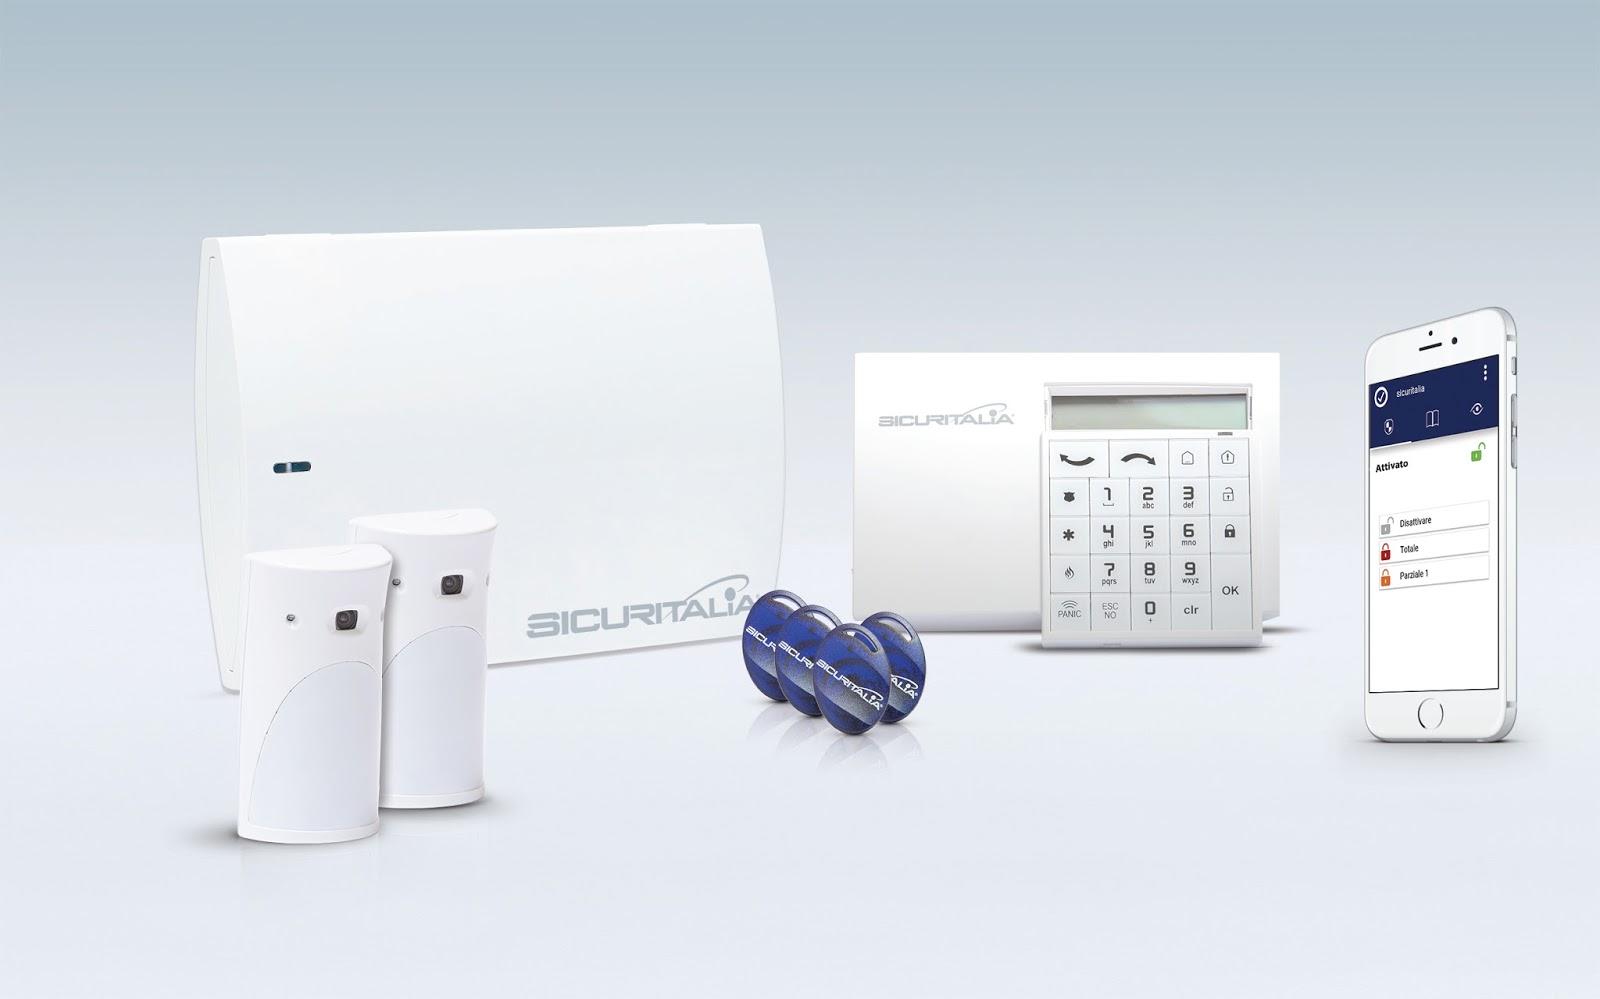 Sicuritalia Protezione24: antifurto con tecnologia wireless e videocamere per casa e ufficio ...